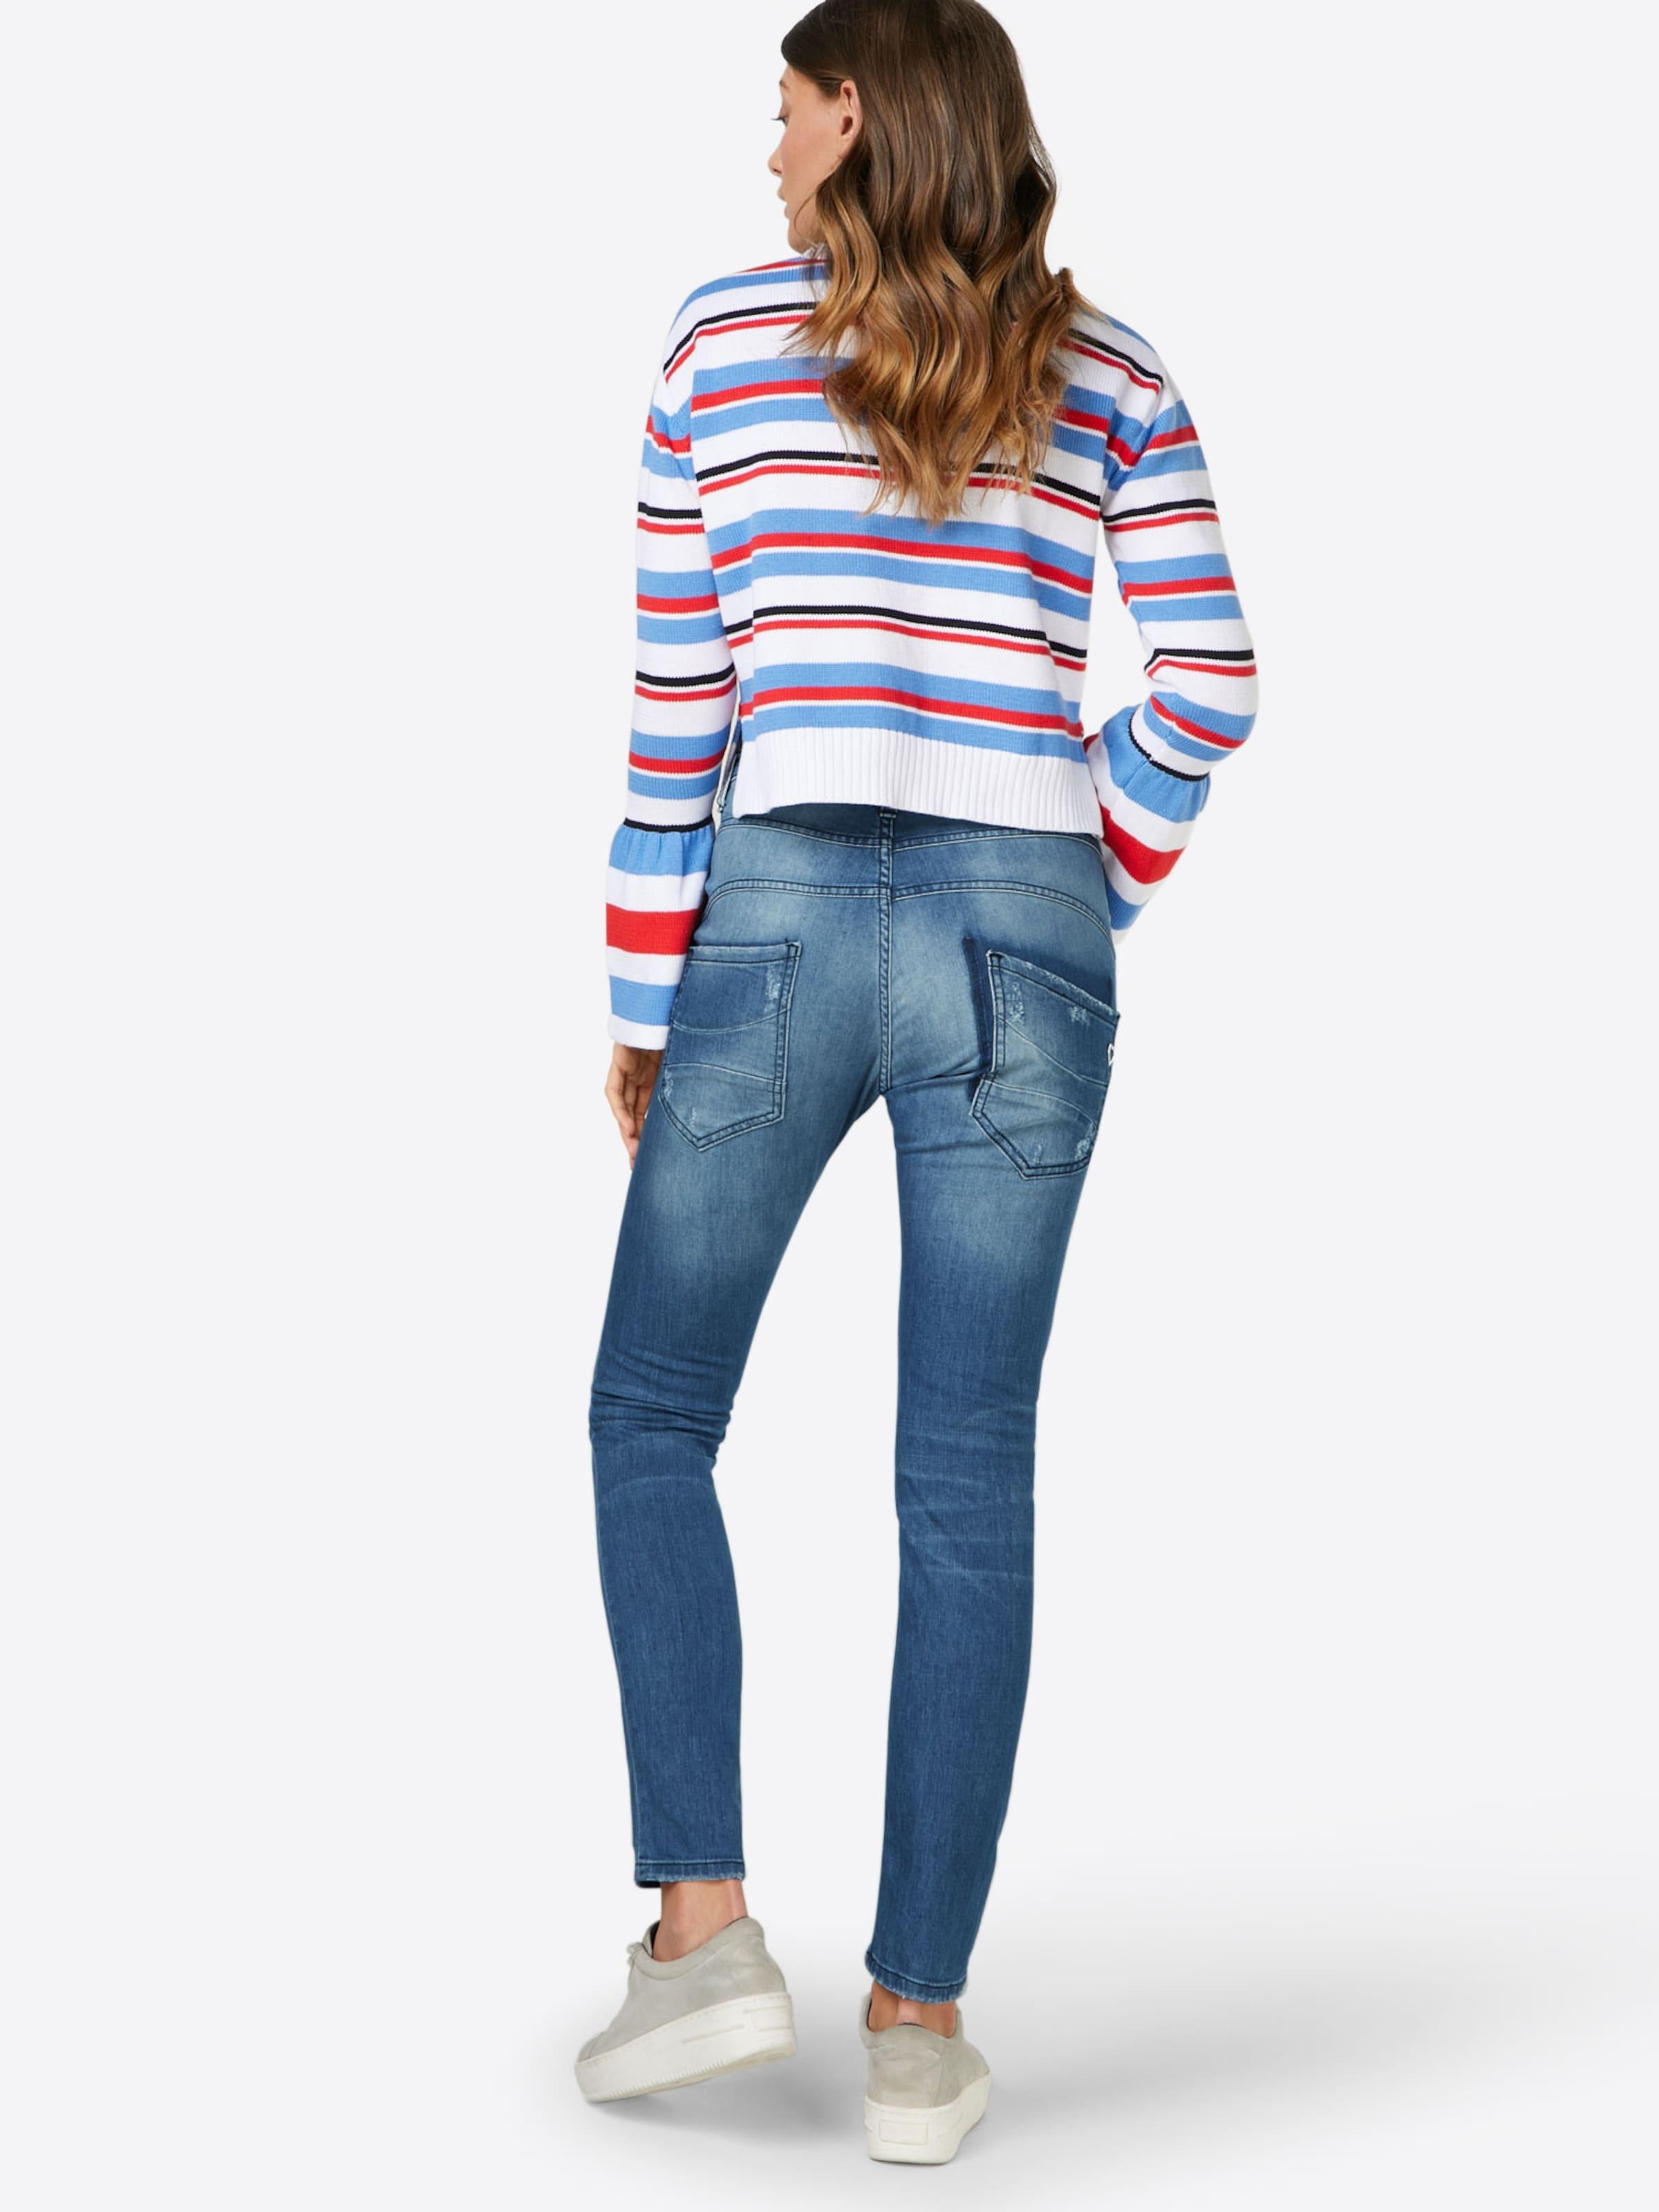 PLEASE Boyfriendjeans Top-Qualität Zum Verkauf Mode Zum Verkauf Verkauf Shop-Angebot pxMyLty